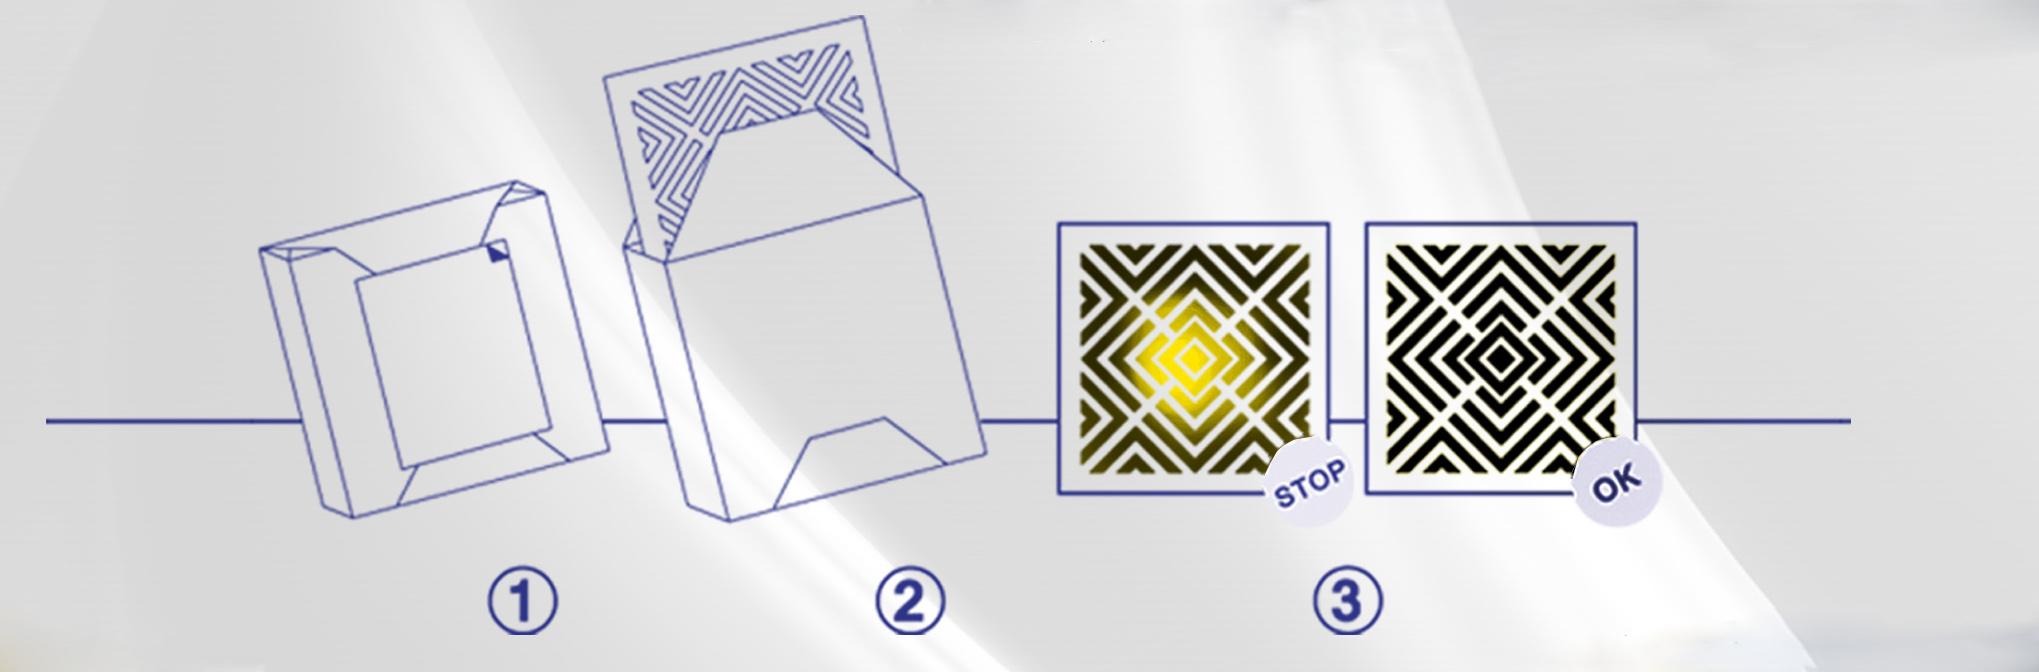 بسته بندی نشانگر بووی – دیک پک (11230-14 RRS) و تغییر رنگ نشانگر